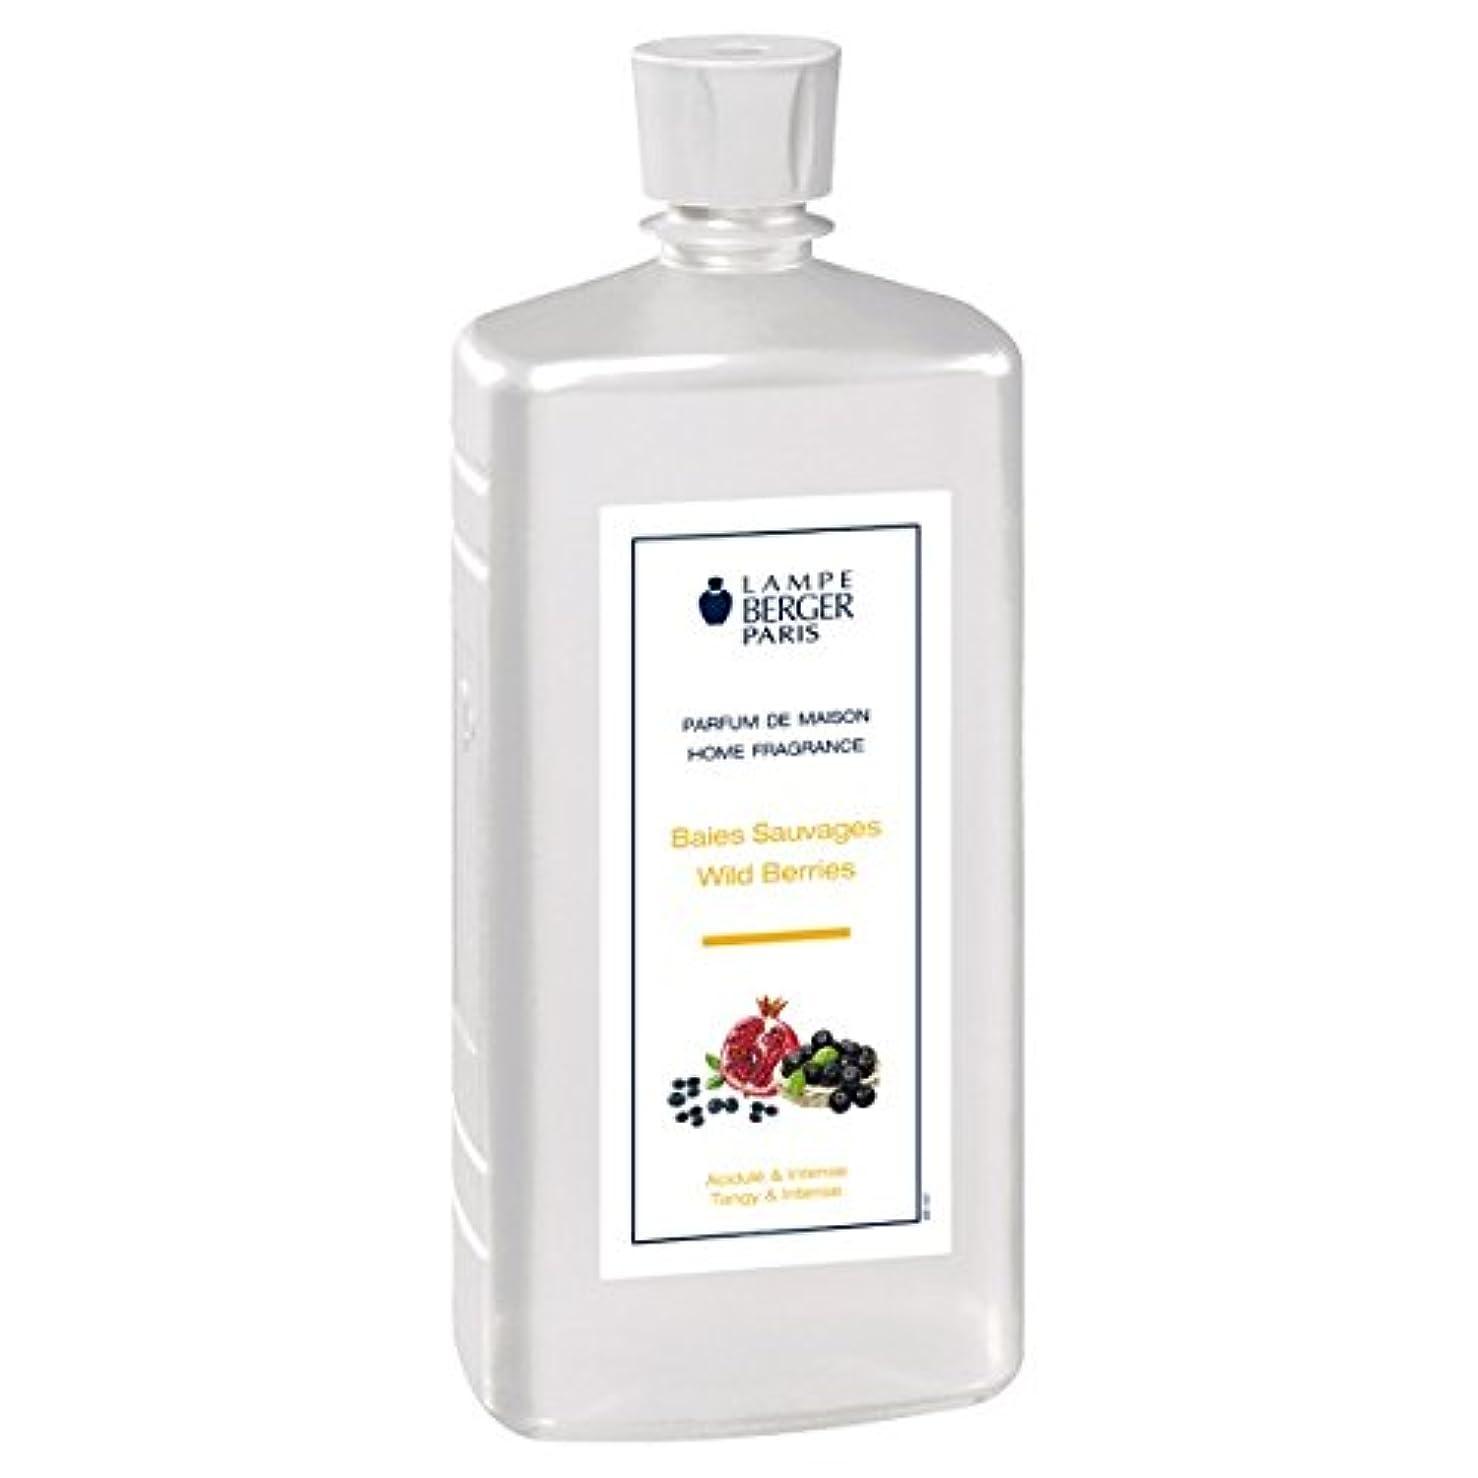 無臭行進強打ランプベルジェパリ直輸入パフュームアロマオイル1Lワイルドベリーズの香り(甘いリキュールの香りがアクセントでラストのレッドドラゴンフルーツやムスクなどの優しいハーモニーの香り